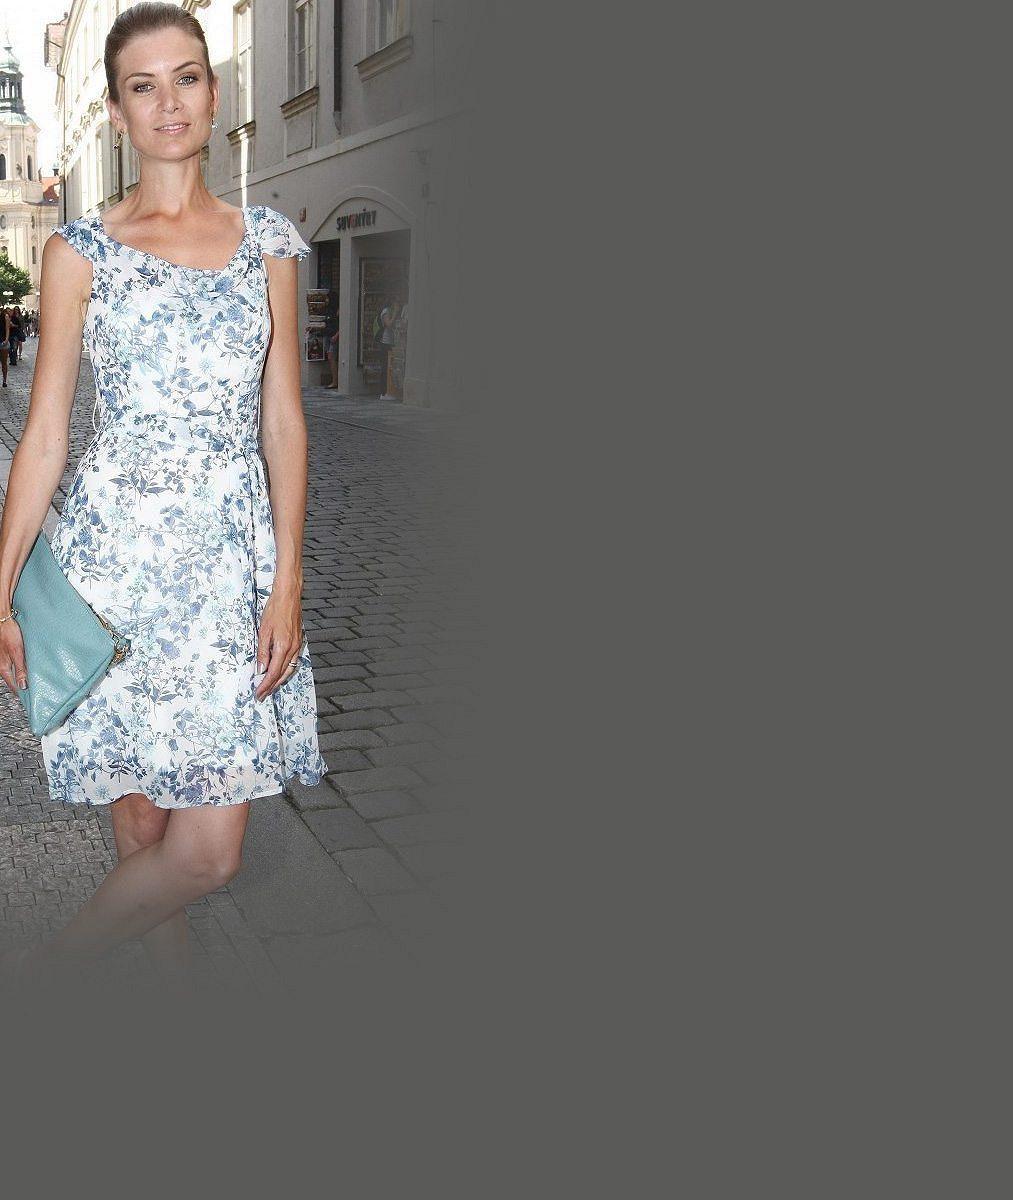 Moderátorka Novy s titulem Česká Miss neuhlídala šatičky: Mrkněte, jak se jí podařilo ukázat kalhotky